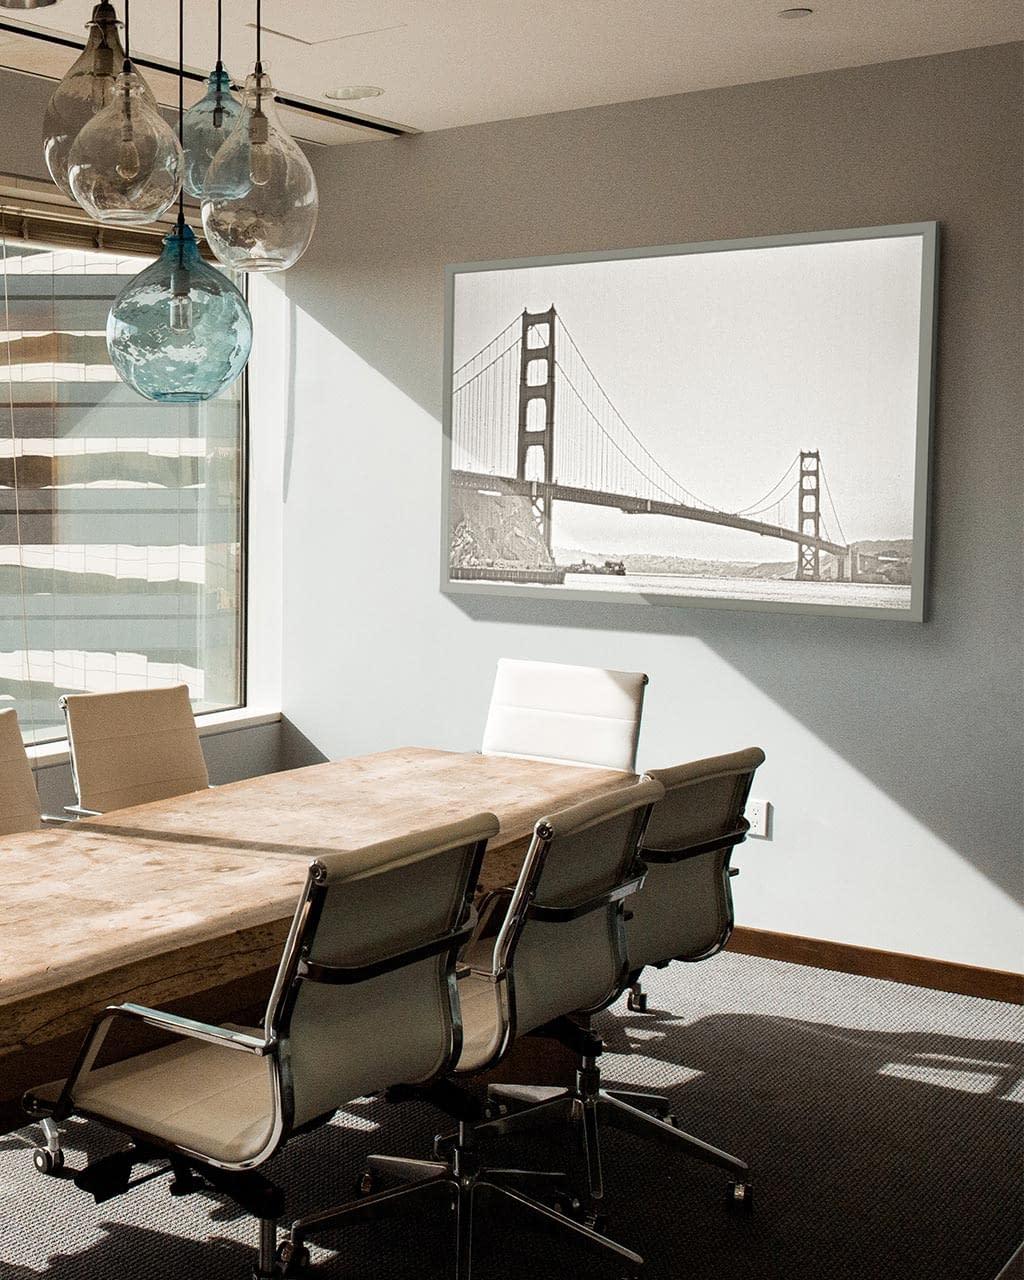 Büro_1_Golden_Gate_Bridge_an_4zu5